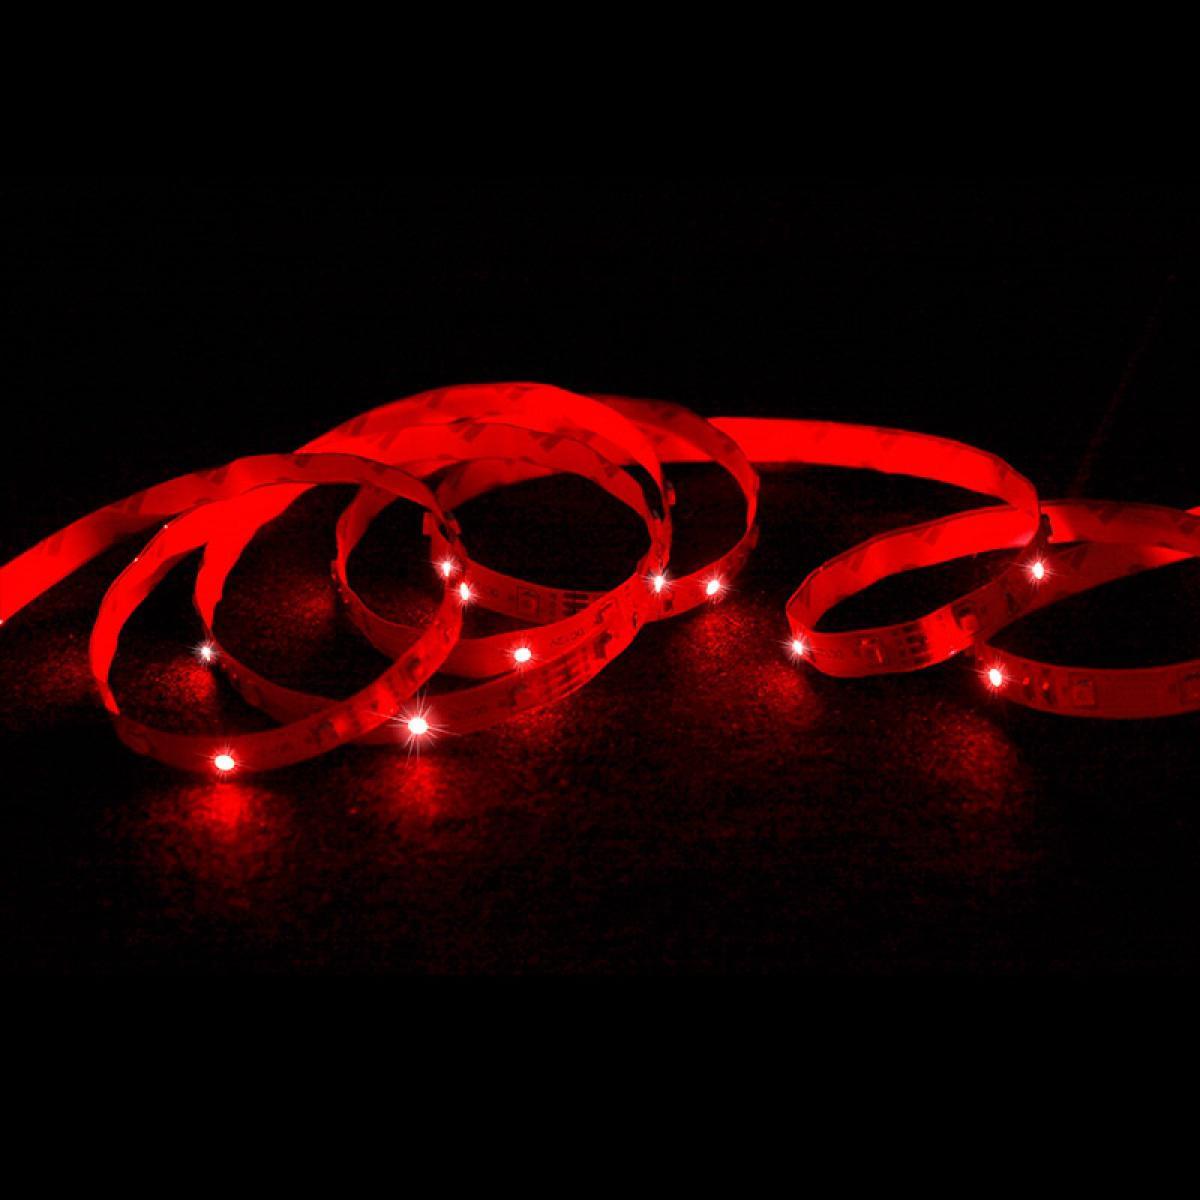 Ecd Germany ECD Germany Set 1x 25m (5x5m) Bande de LED RGB blanc SMD 3528 + 1x Transformateur 5A 60W 12V câble pour prise EU + 1x Té